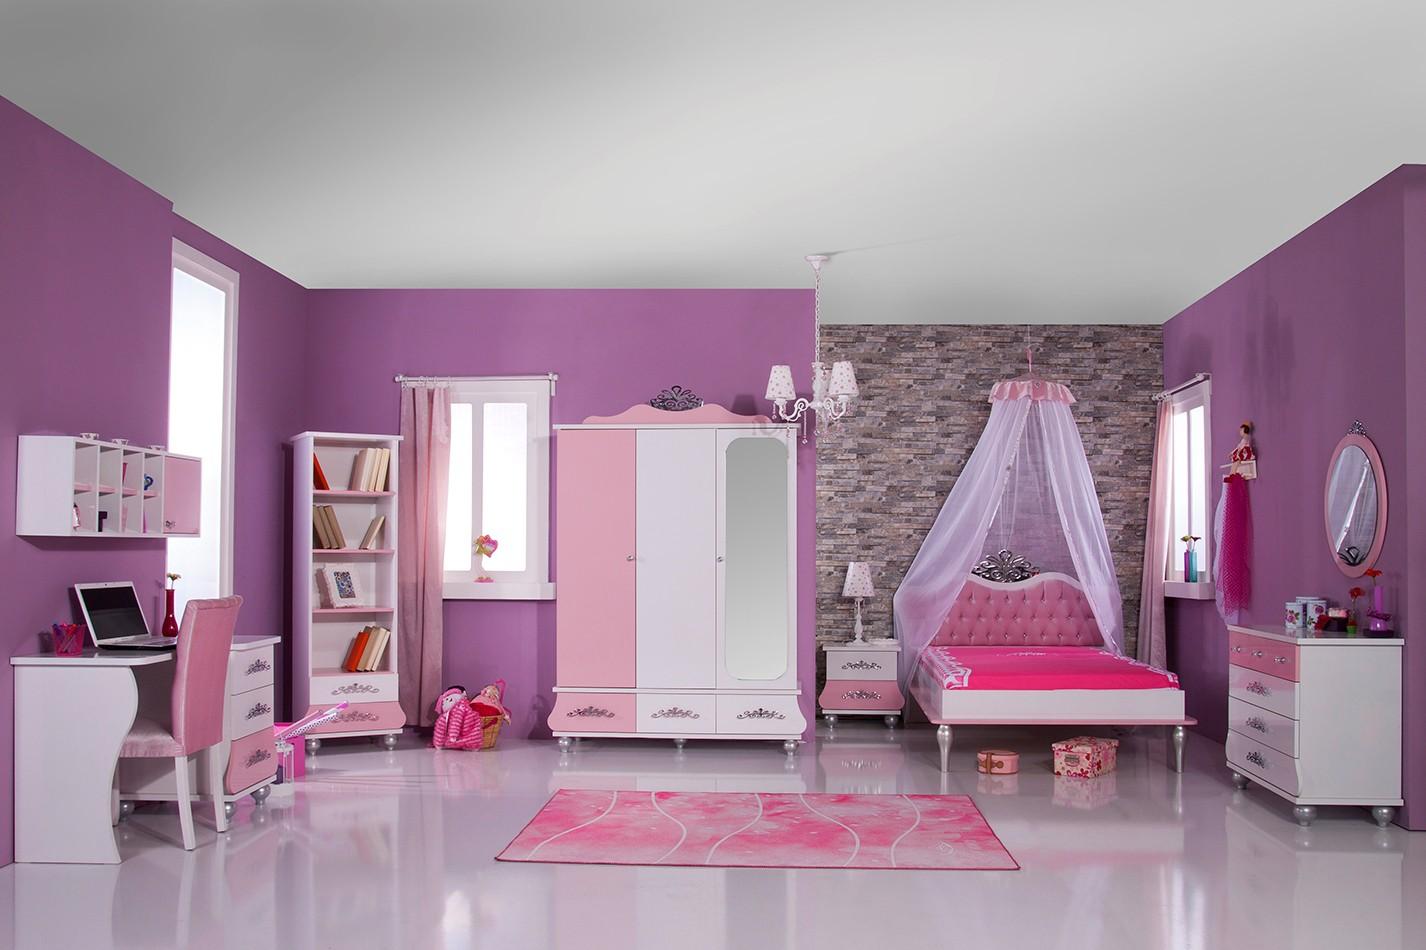 Lamp Kinderkamer Paars : Kinderkamer roze arte espina bbruitje rozewit with kinderkamer